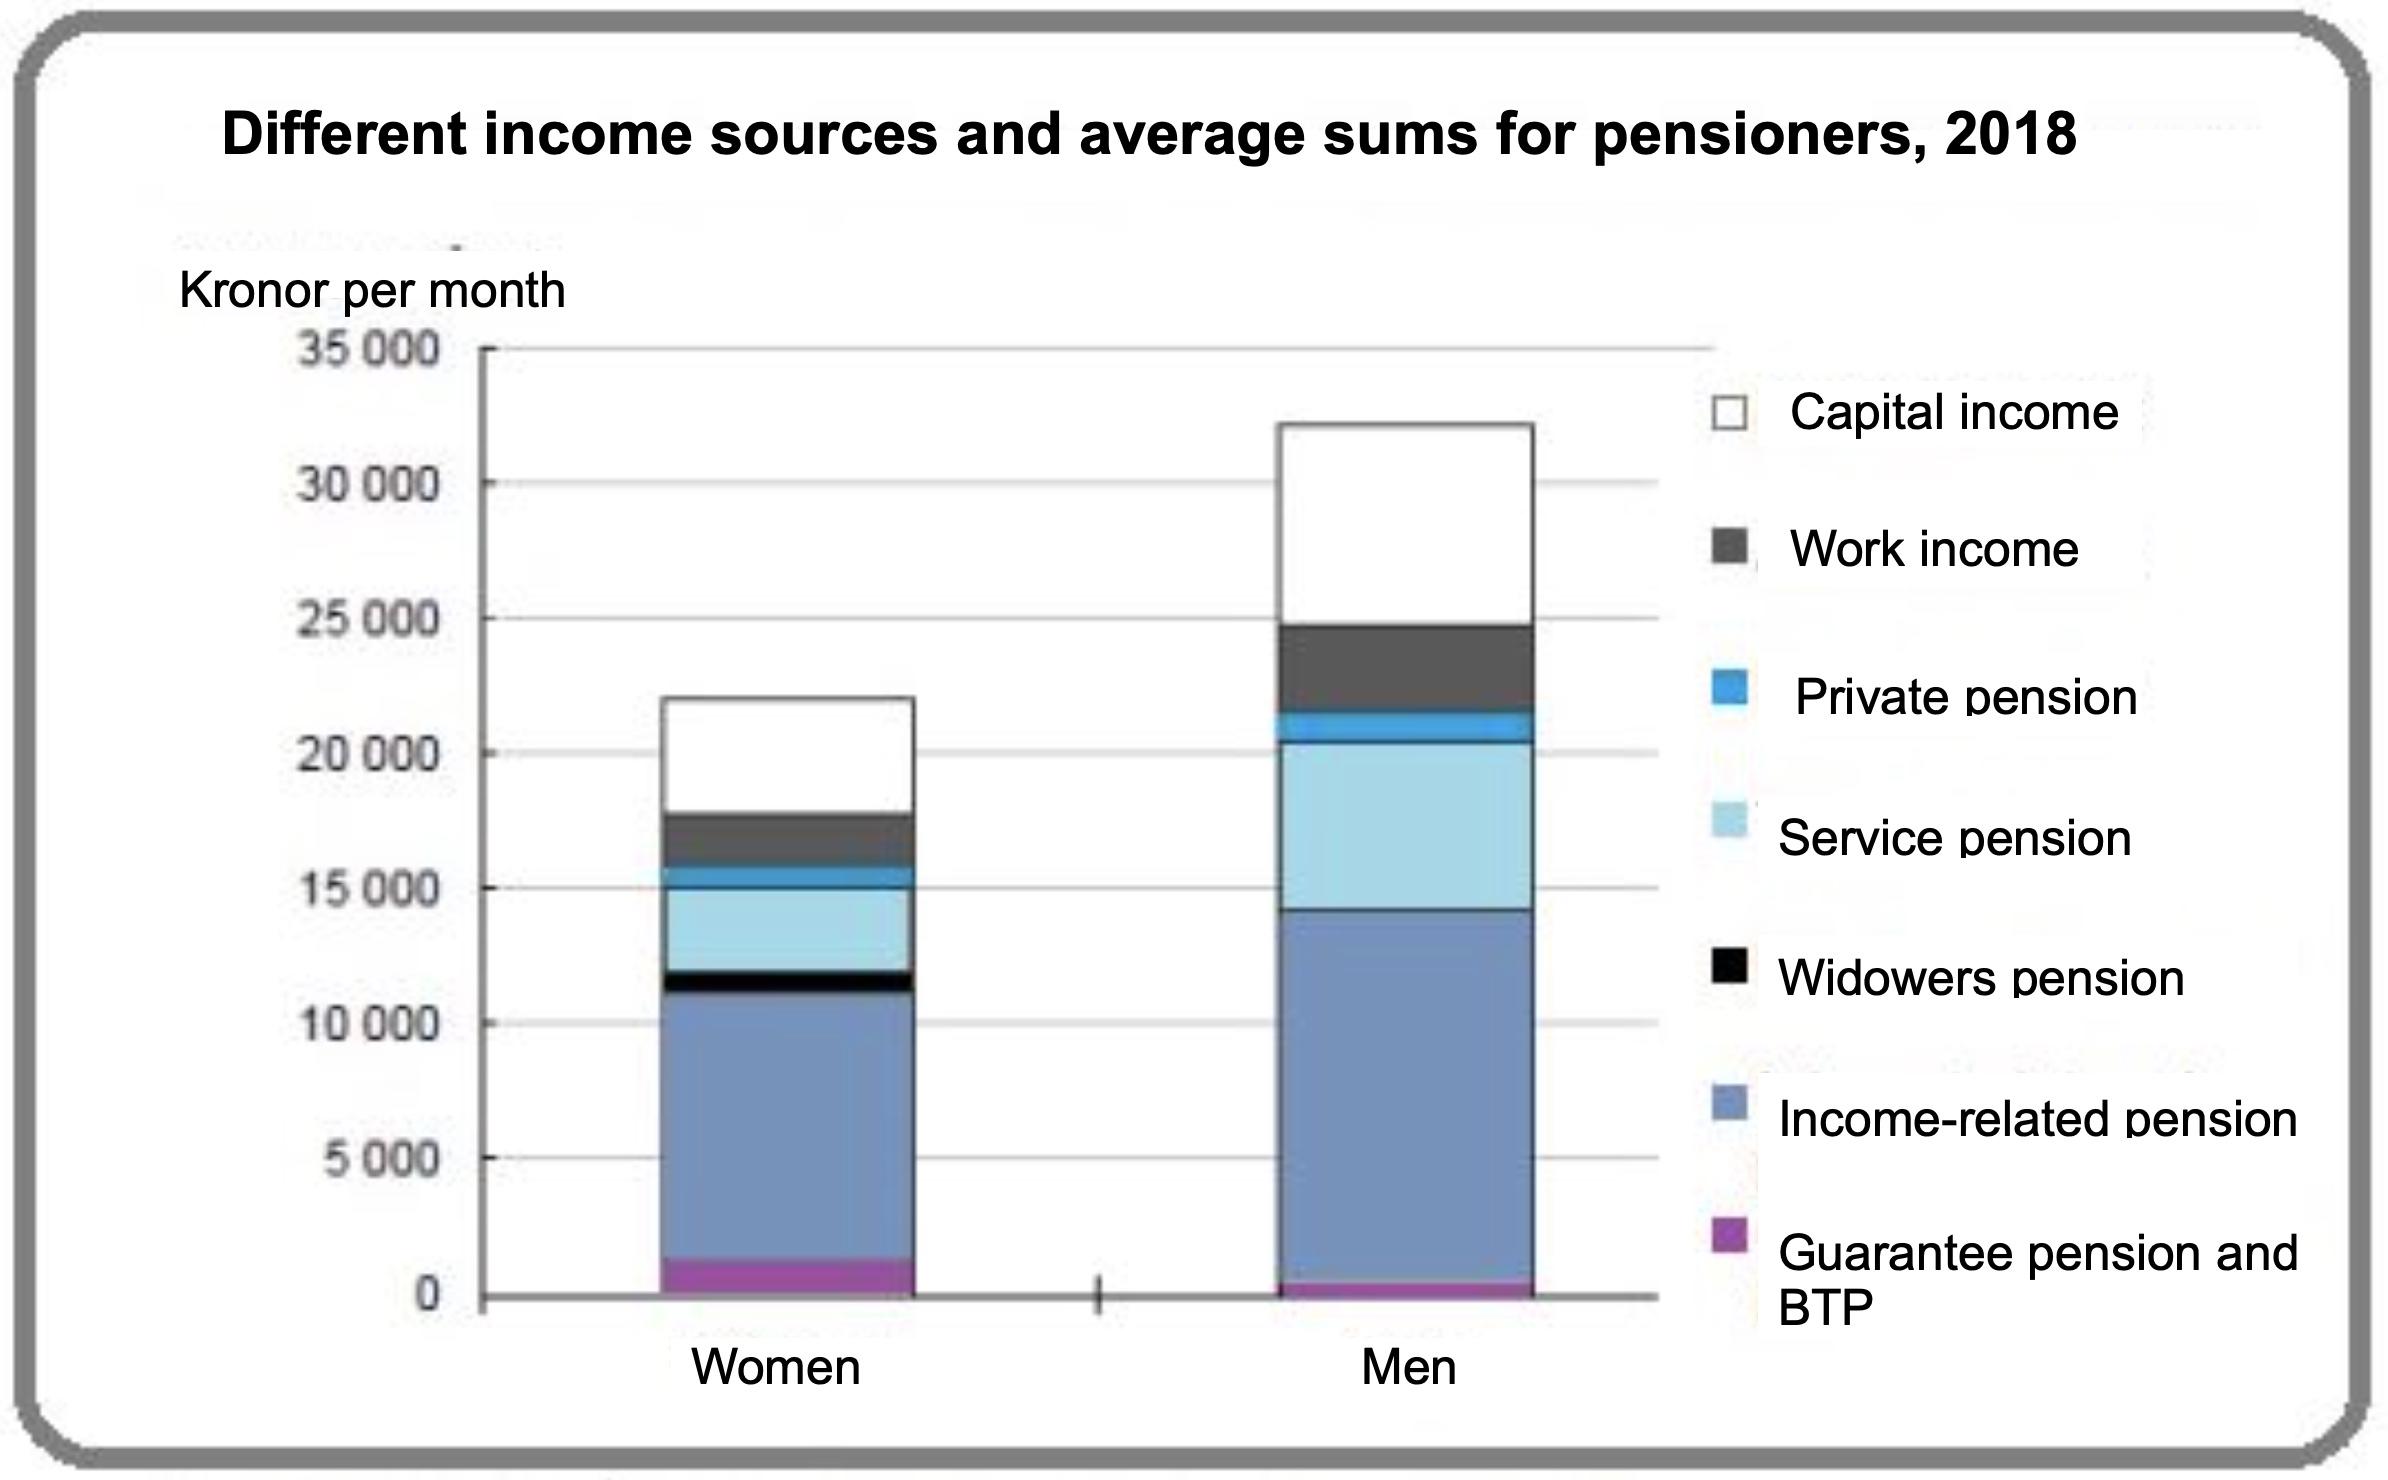 Gender income graph